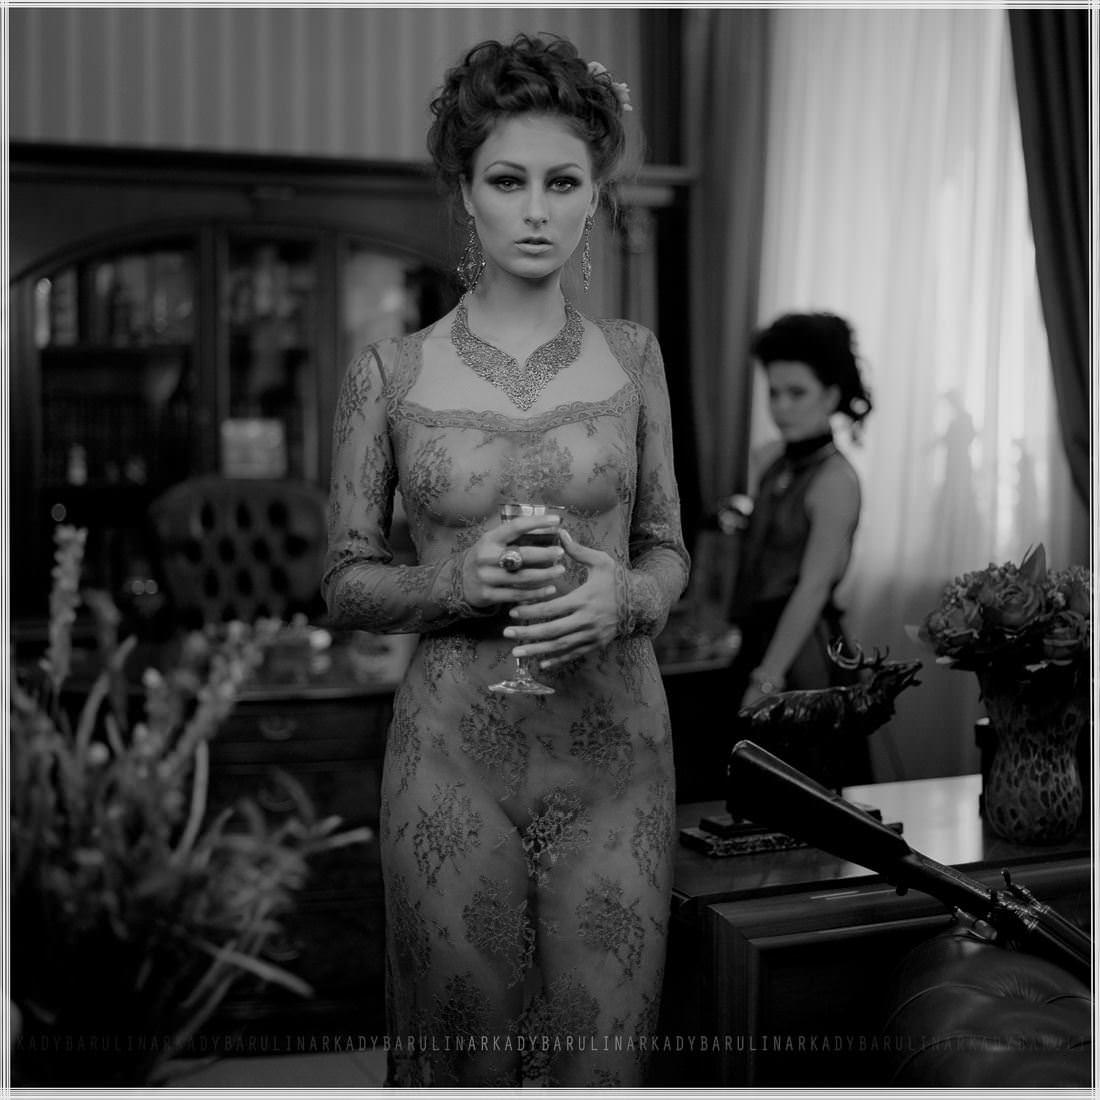 【外人】ロシアの写真家Arkady Barulin芸術的におっぱいを撮影するポルノ画像 24117